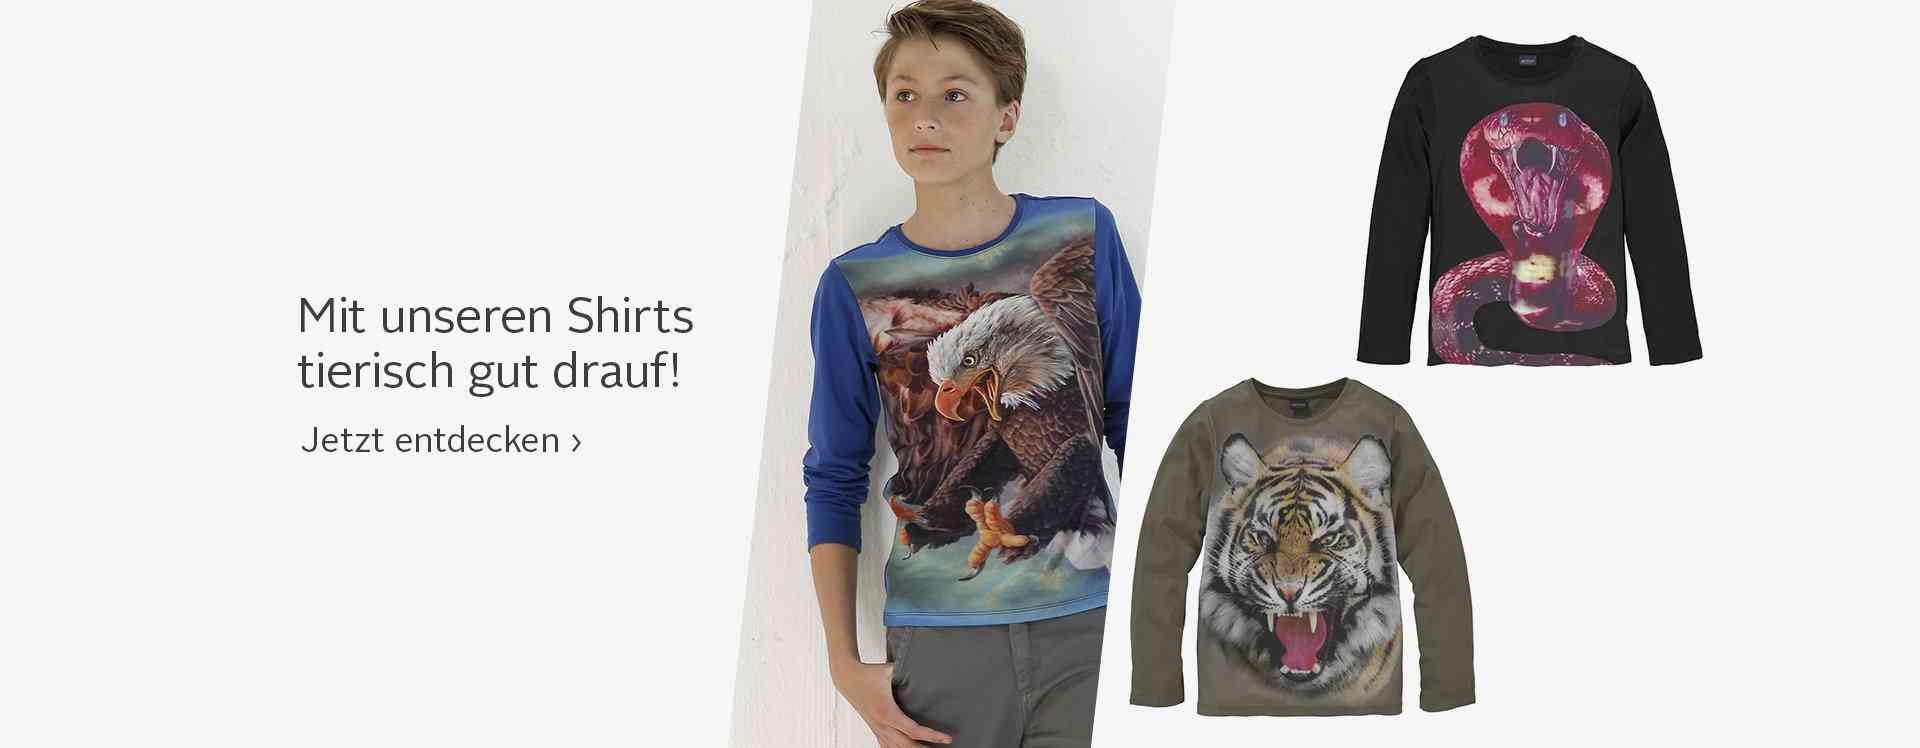 kindermode - jungen - shirts